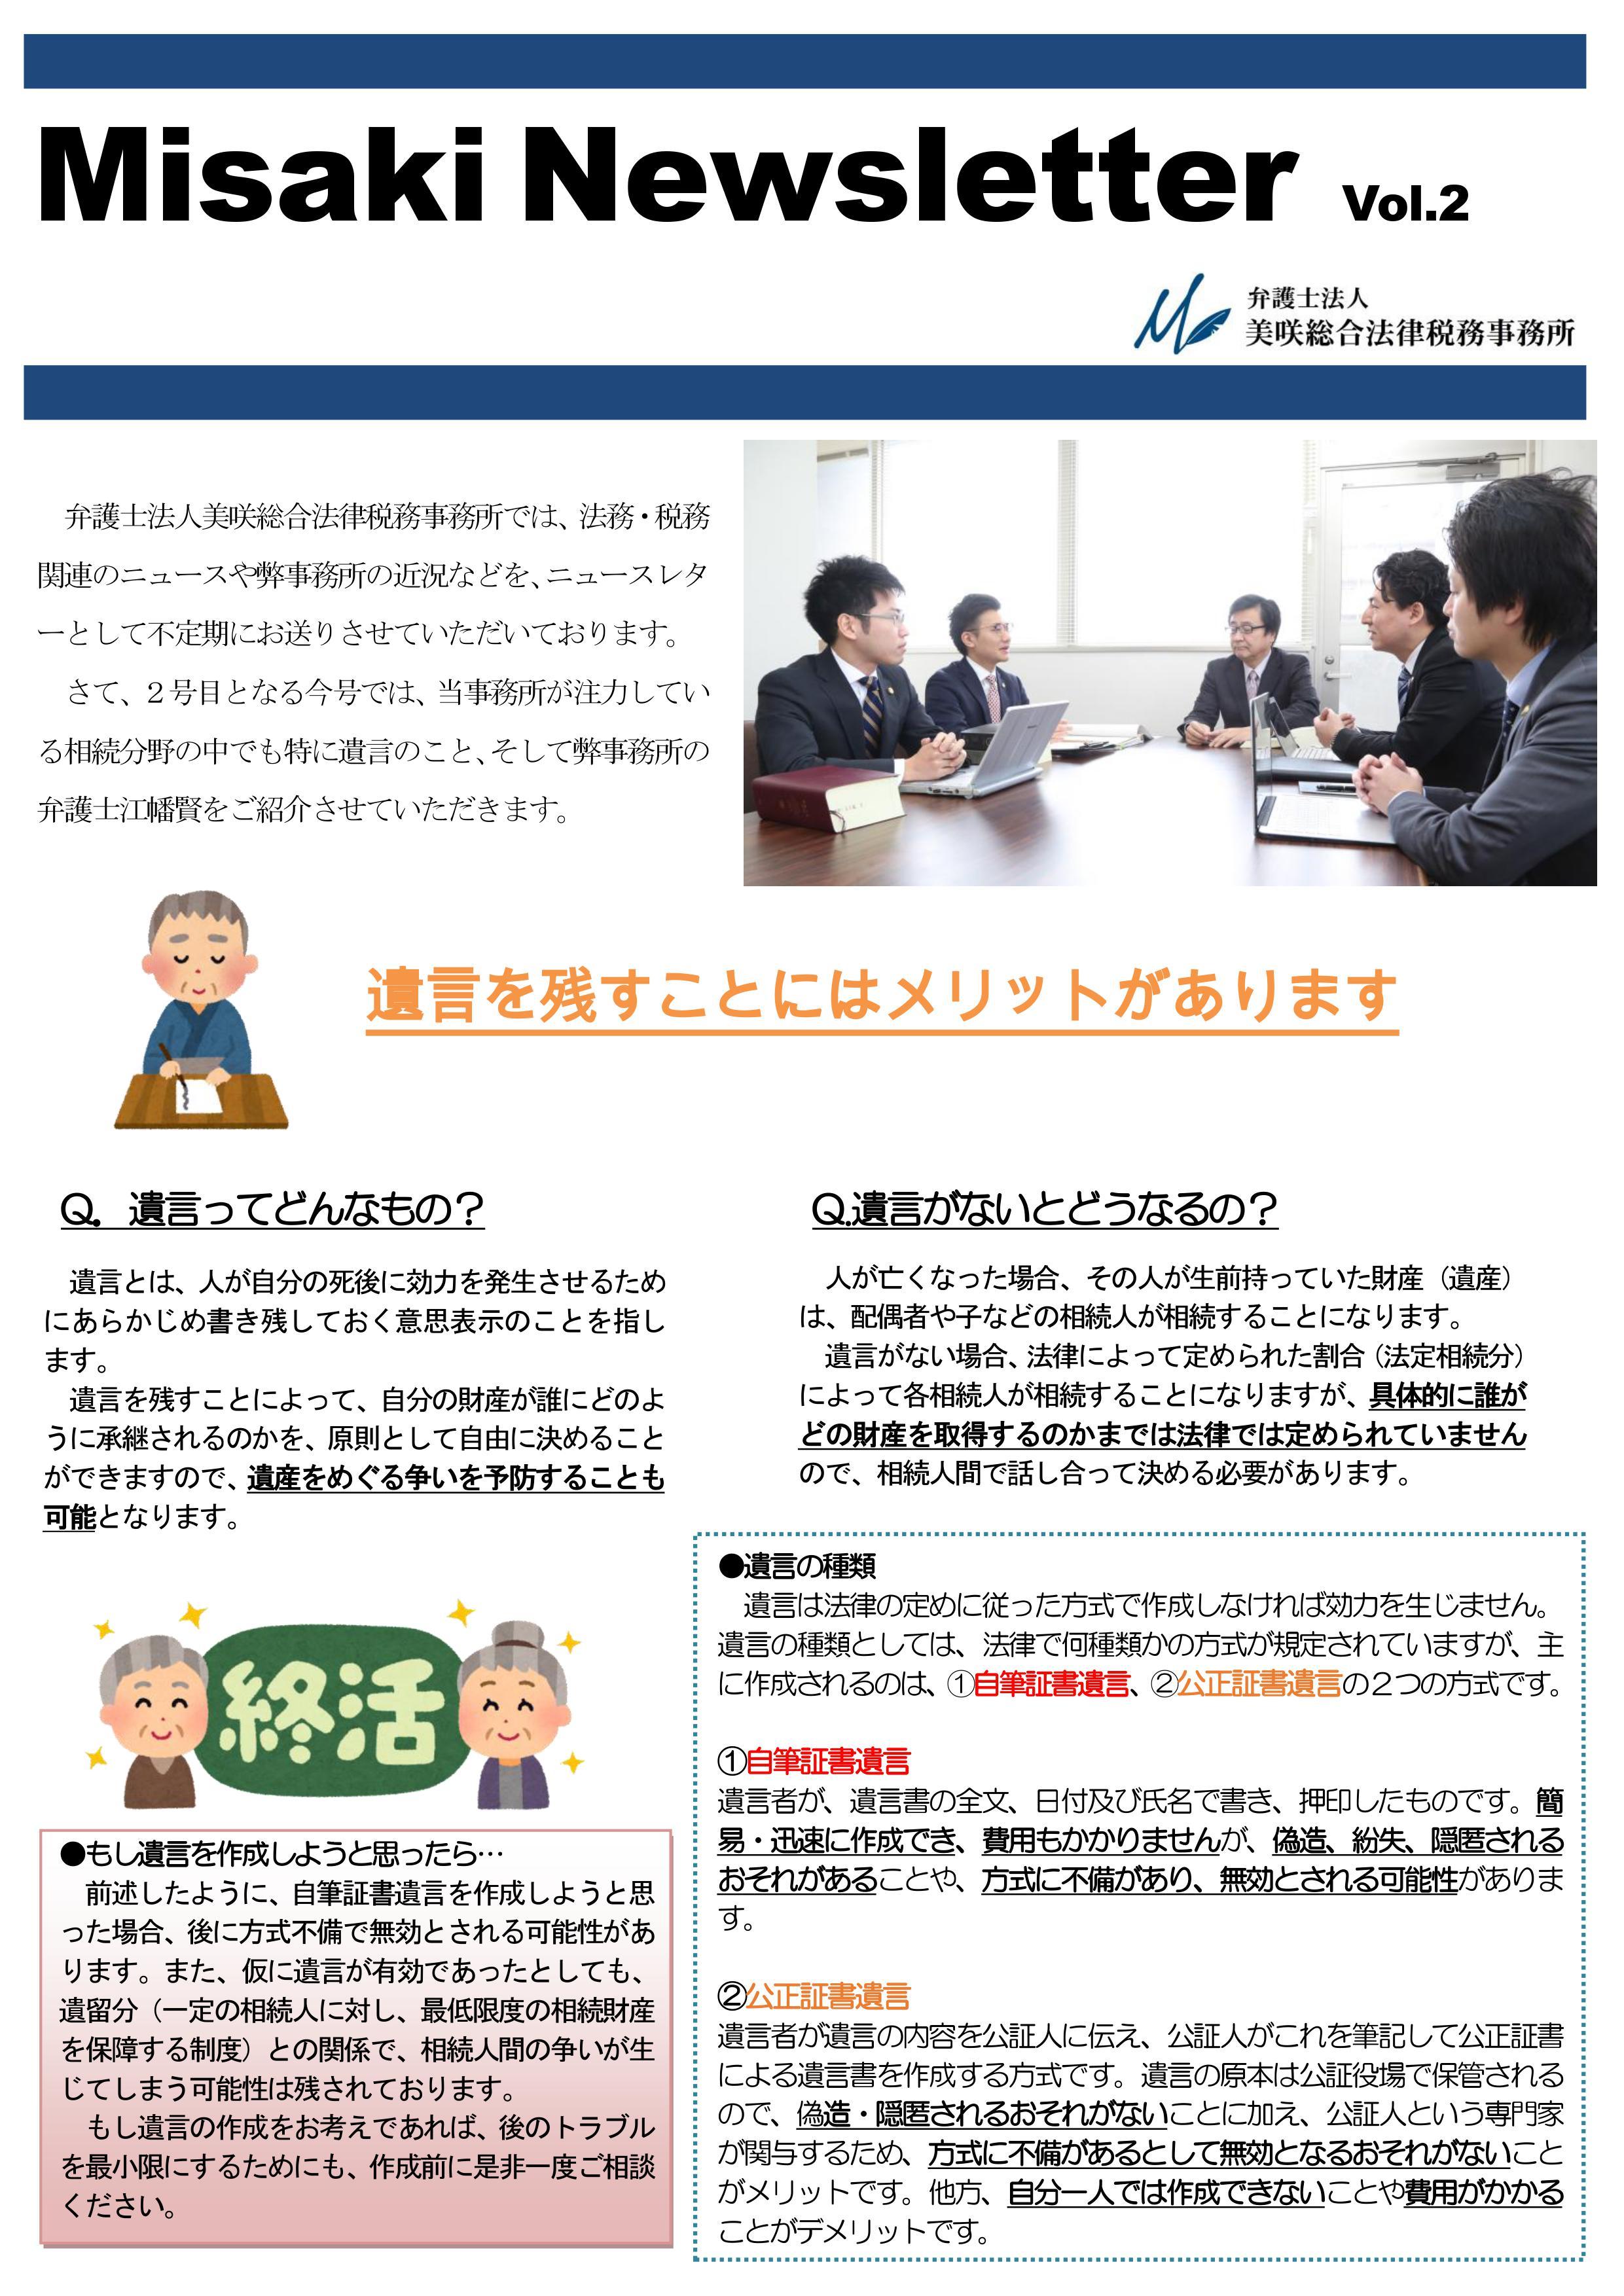 MisakiNewsletter 2016.4-1.png.jpg